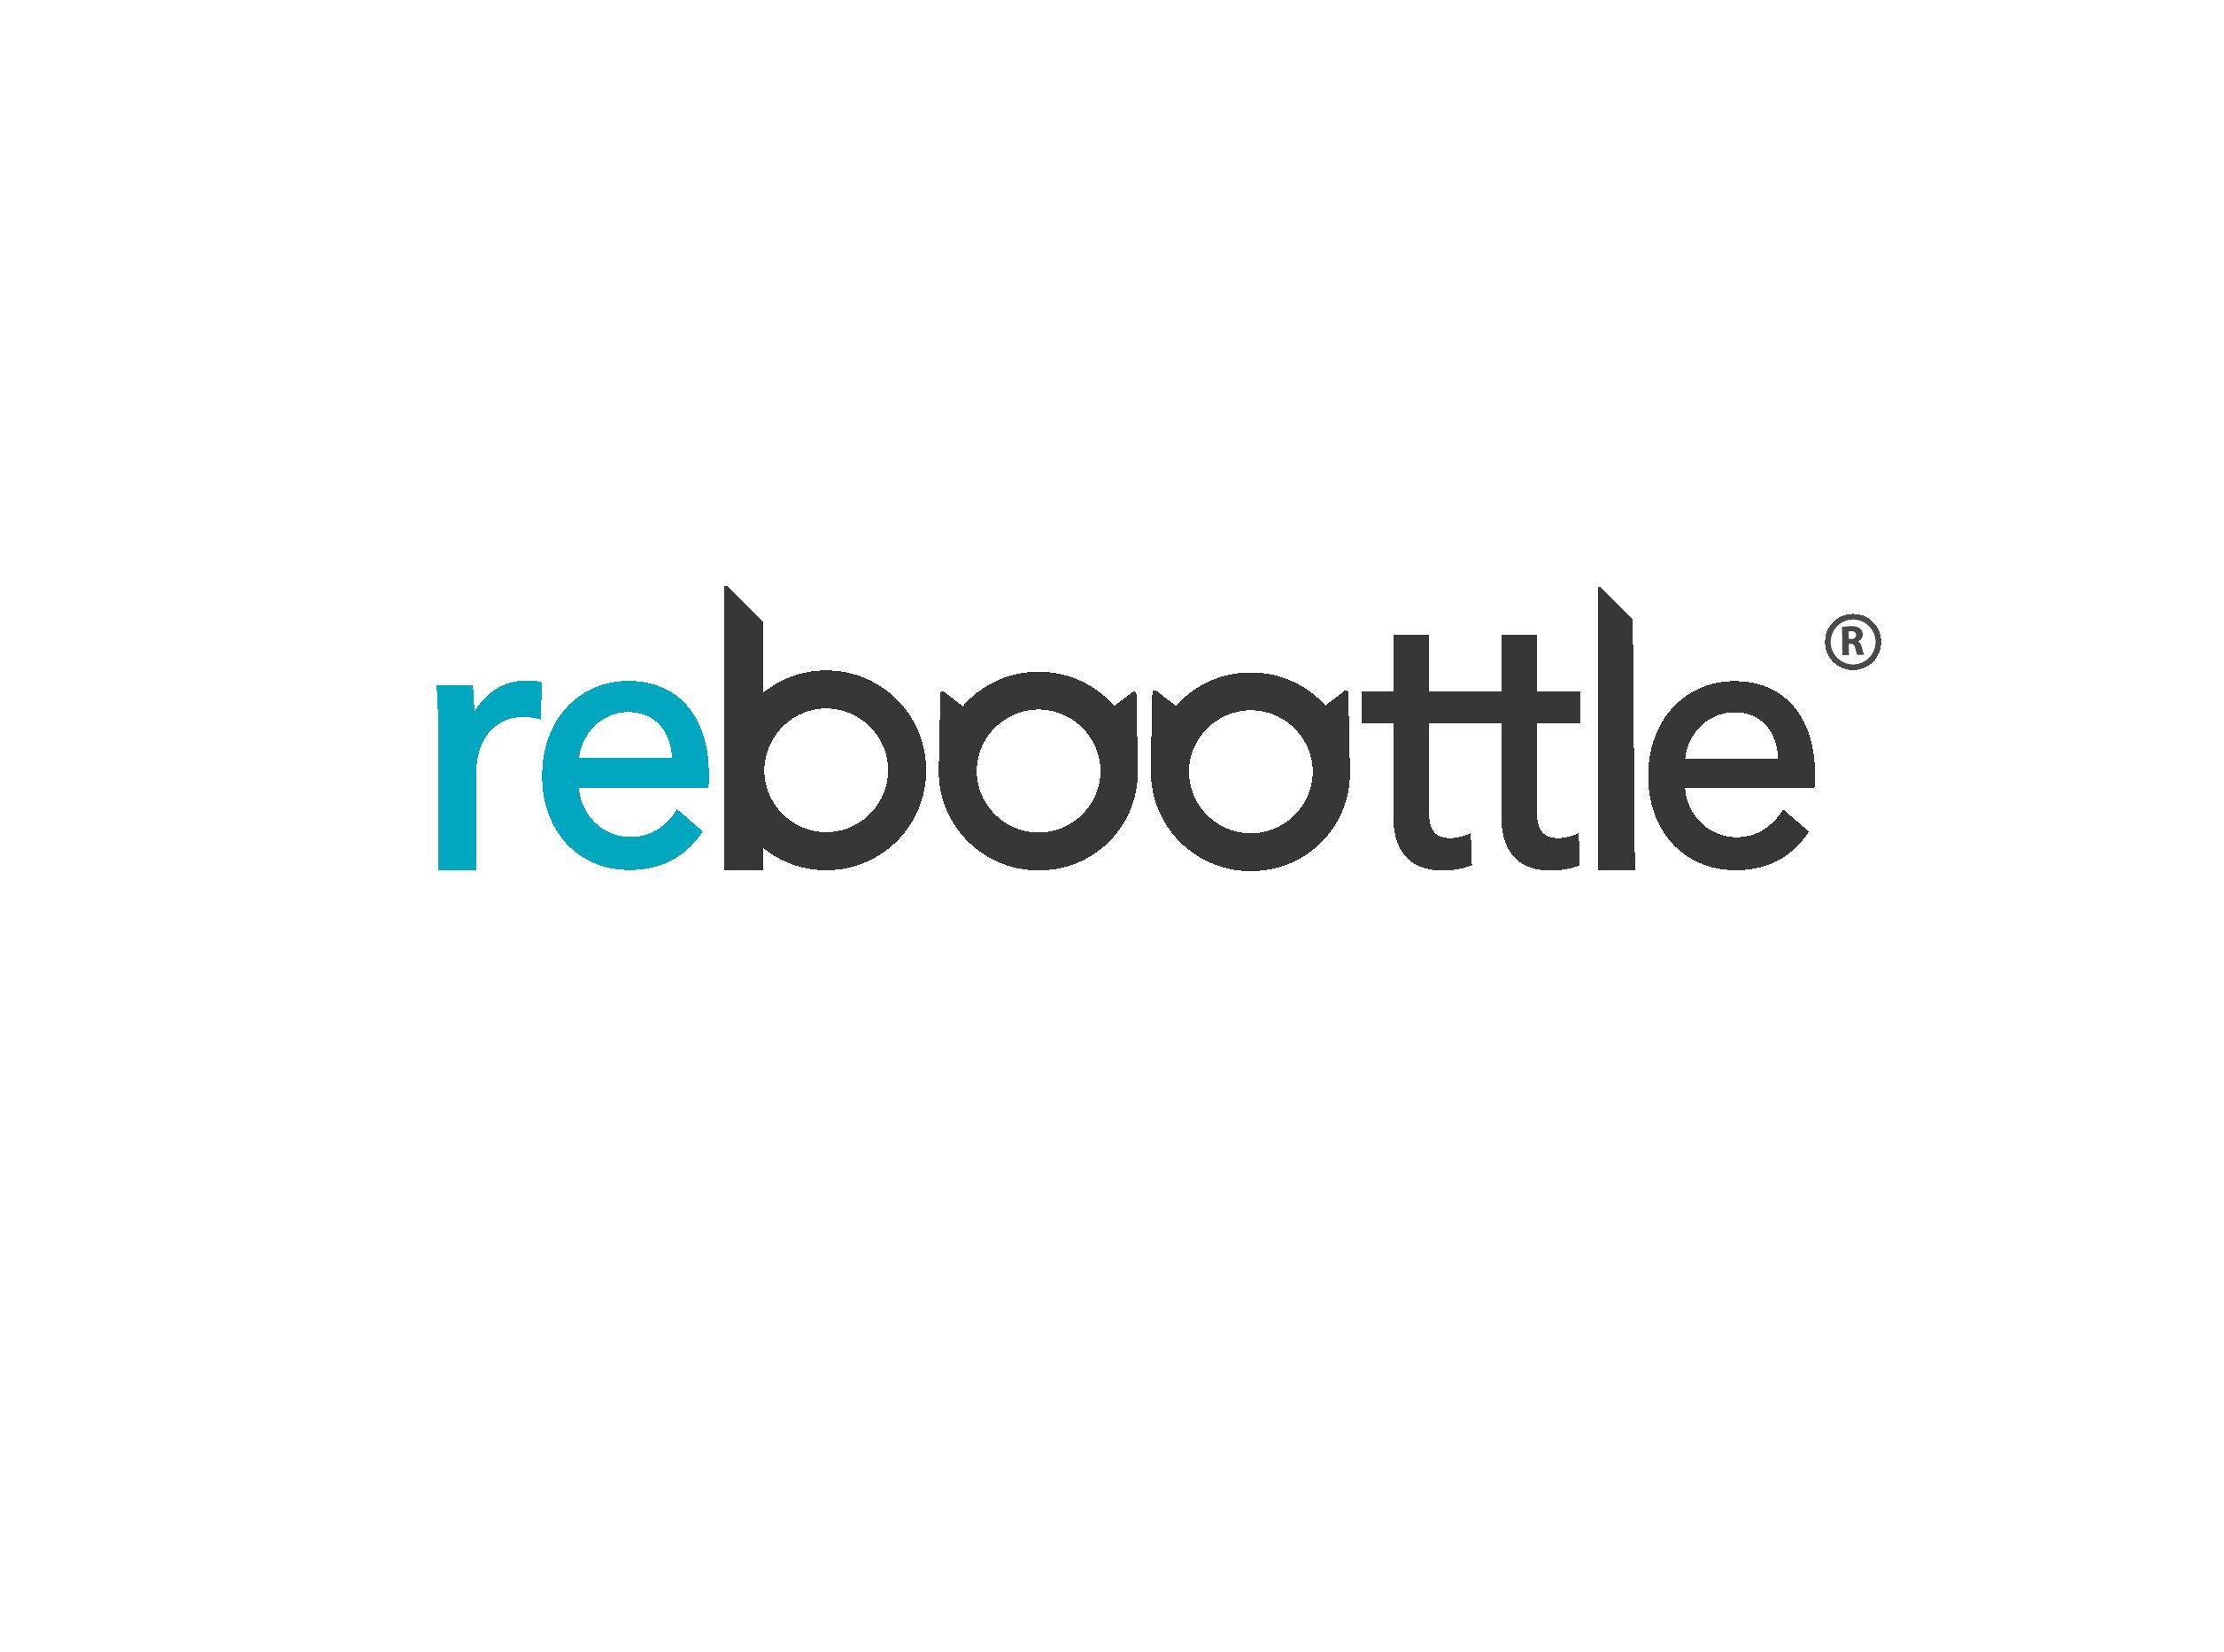 REBOOTLE